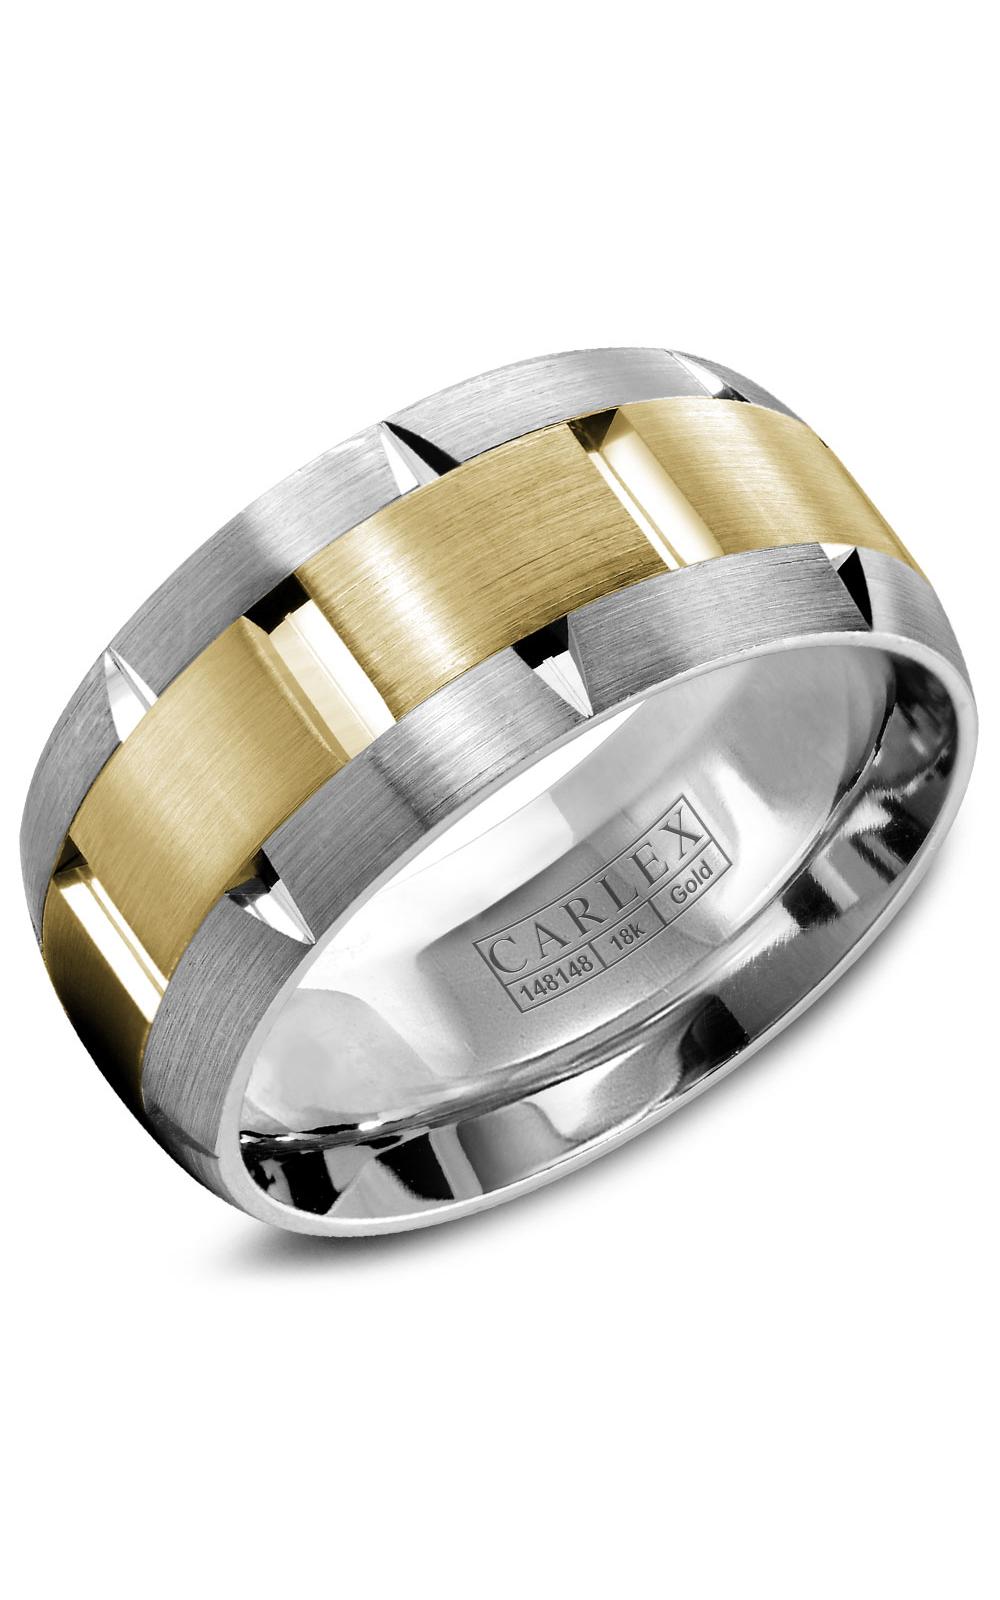 Carlex G1 WB-9463YW product image